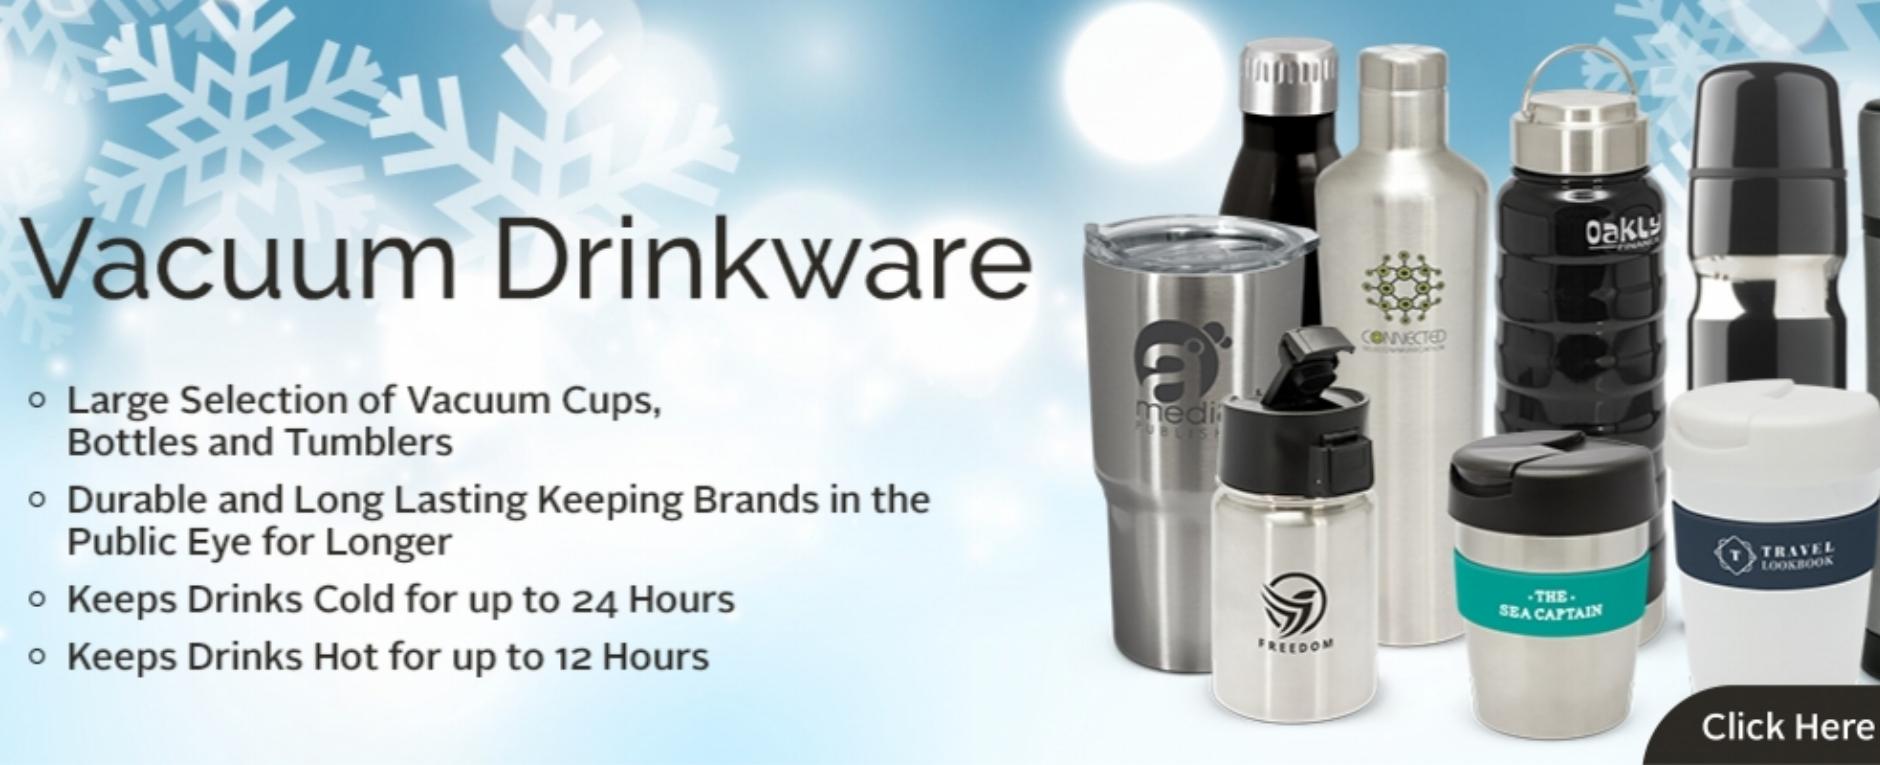 vacuum drinkware.jpg